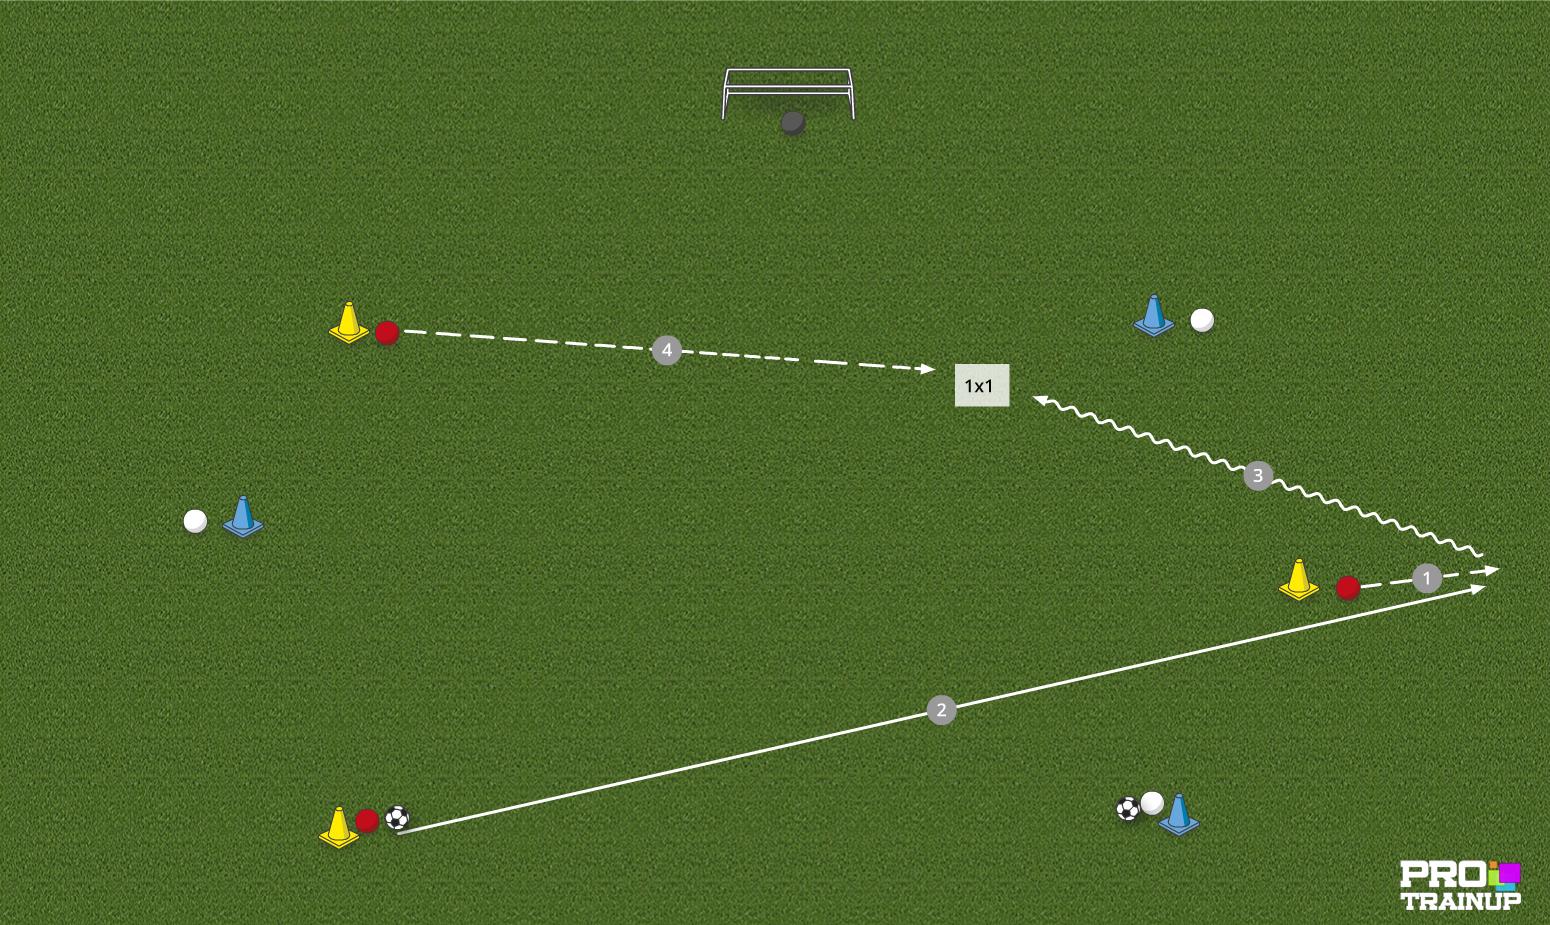 Przyjęcie kierunkowe -> GRA 1x1 (atak szybki)